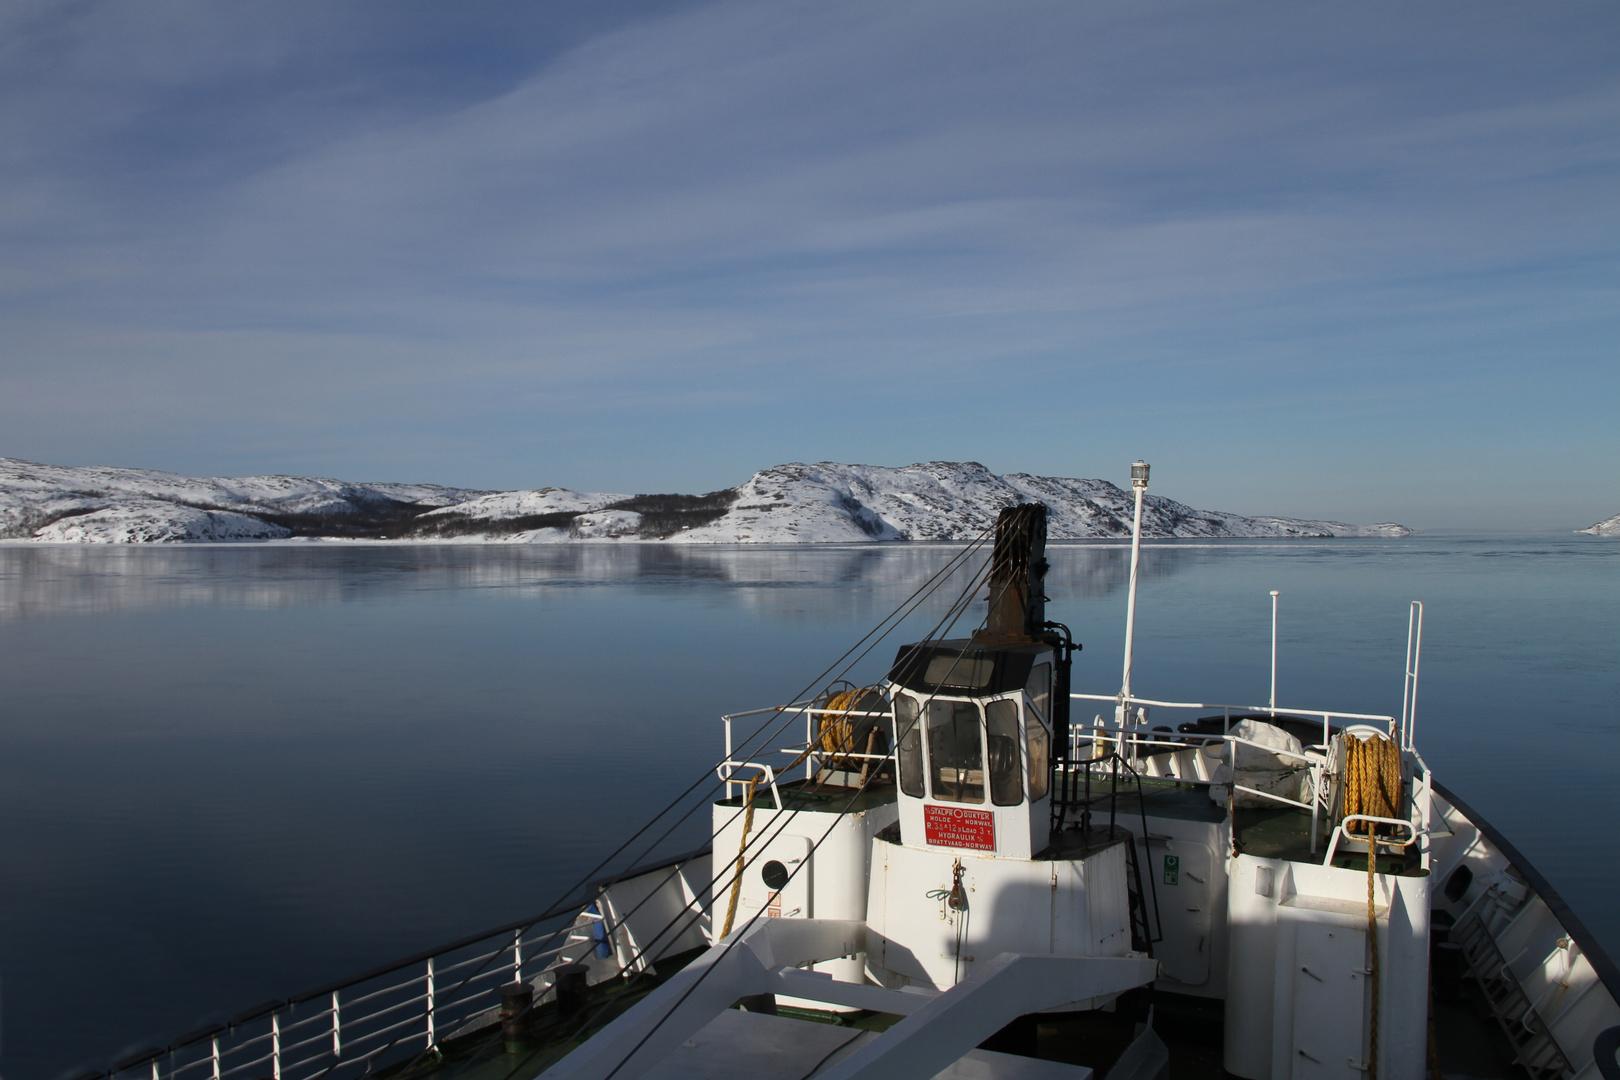 Fahrt auf dem eiskalten Meer im Nordnorwegen